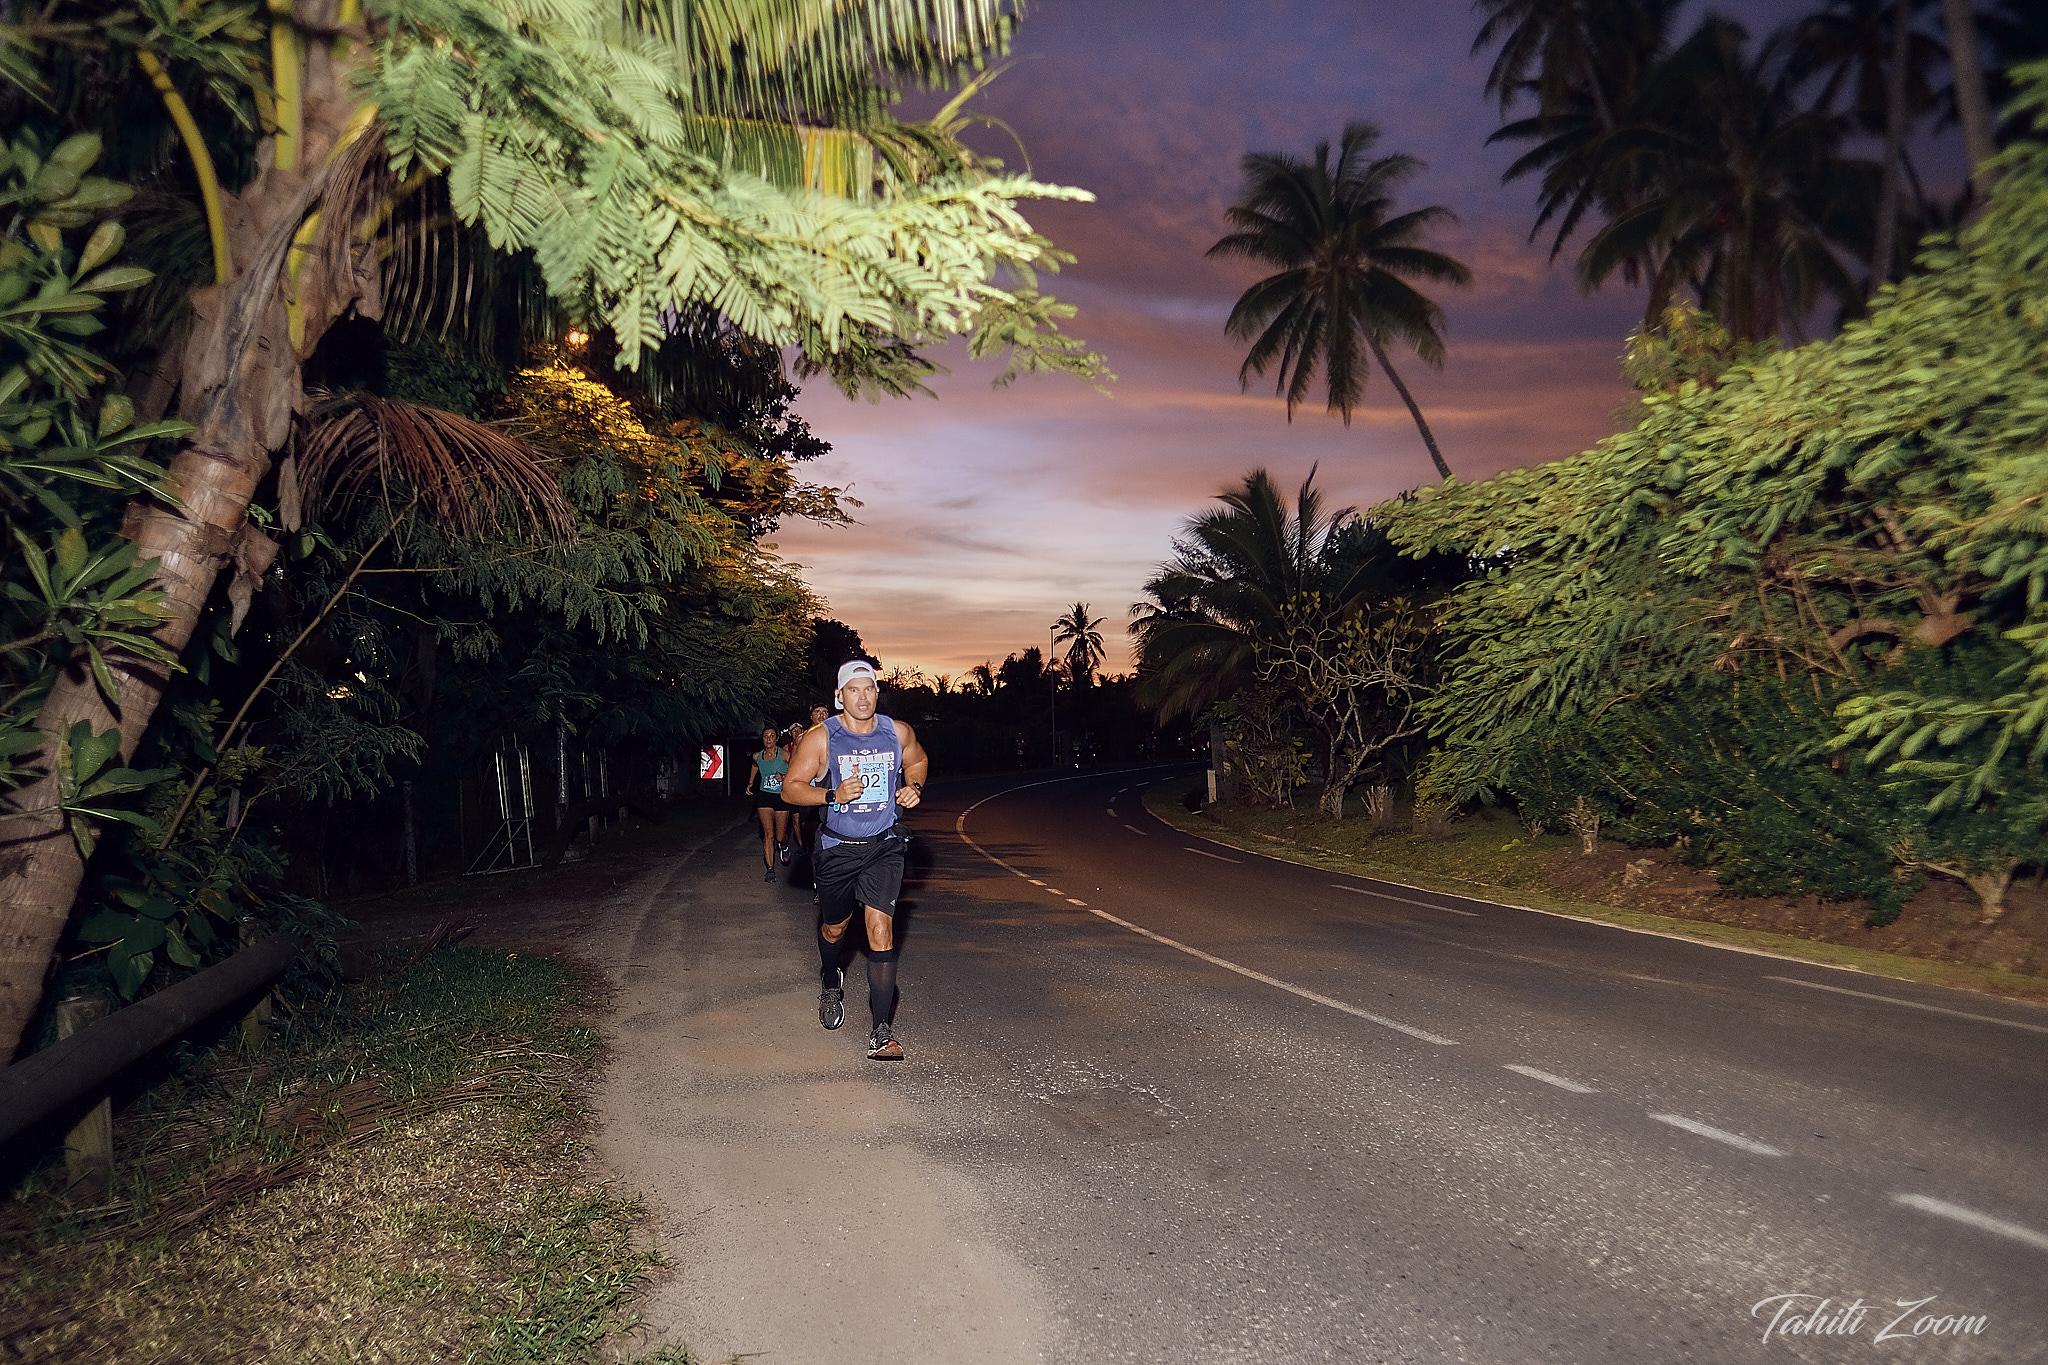 Un décor féerique pour les participants qui voient le jour se lever © Tahiti Zoom/Moorea Events